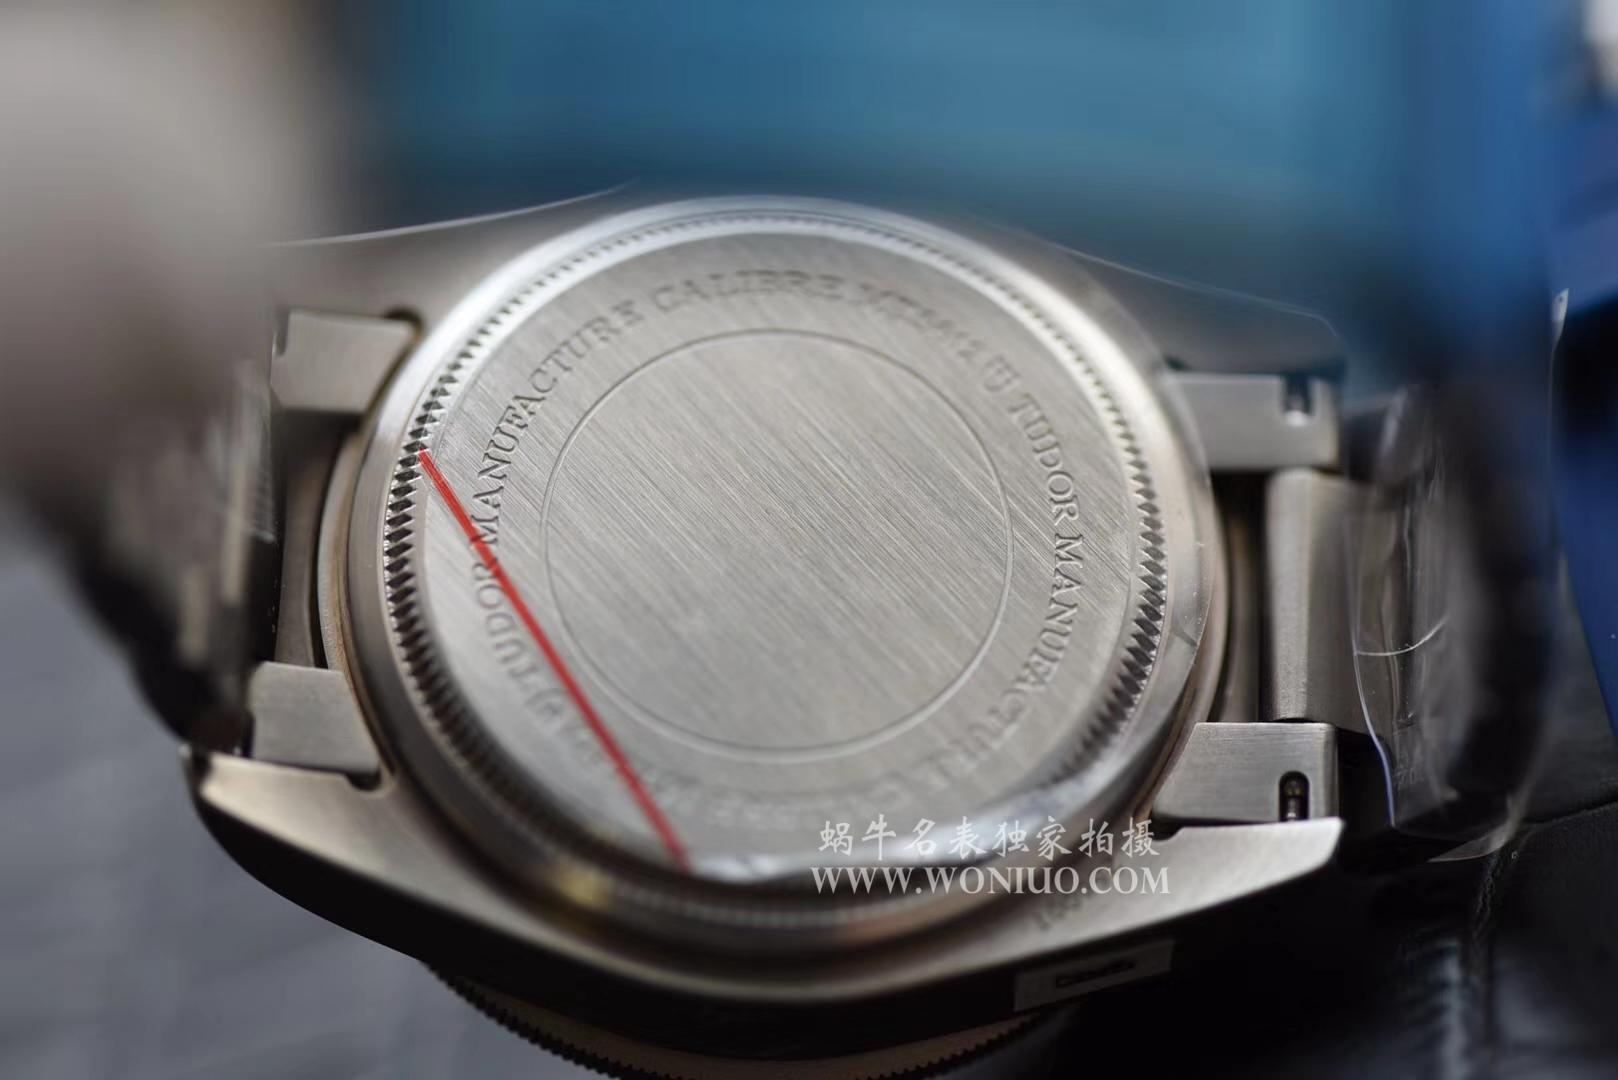 【独家视频测评】XF厂复刻手表帝舵PELAGOS 25600TB蓝钛土豆蓝战斧 / DTbb017A